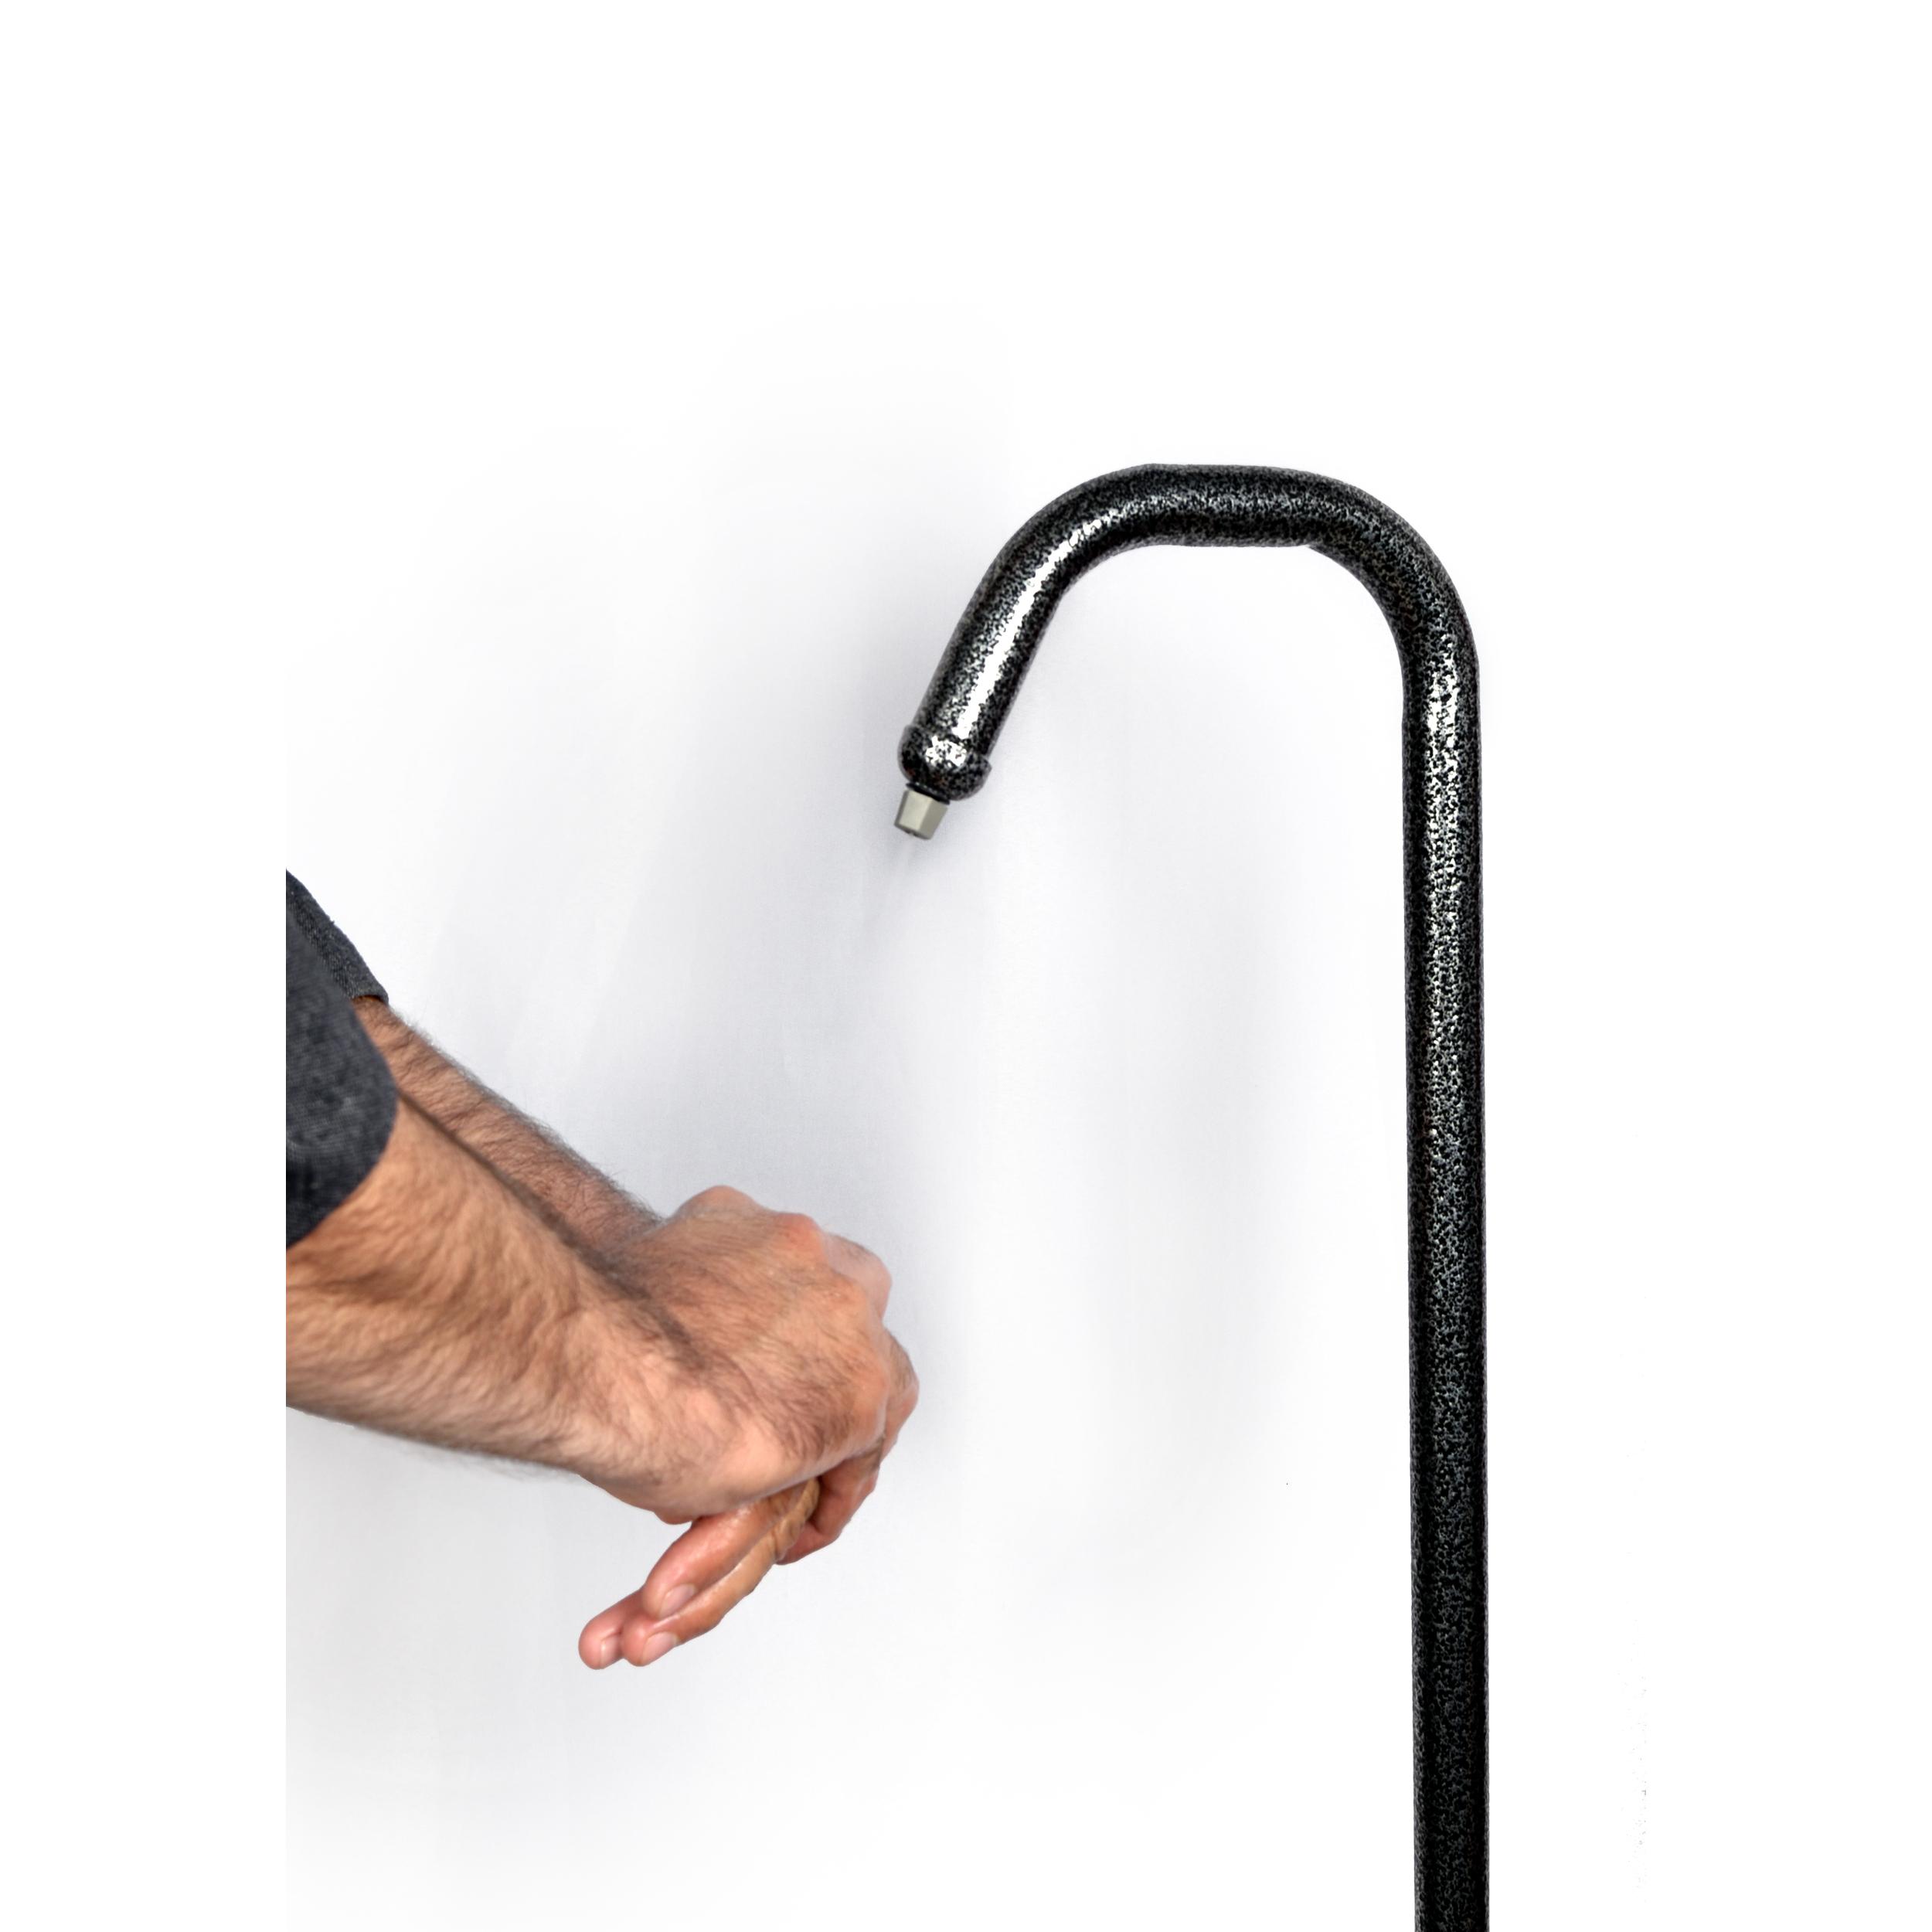 دستگاه ضد عفونی کننده دست کد ۰۱